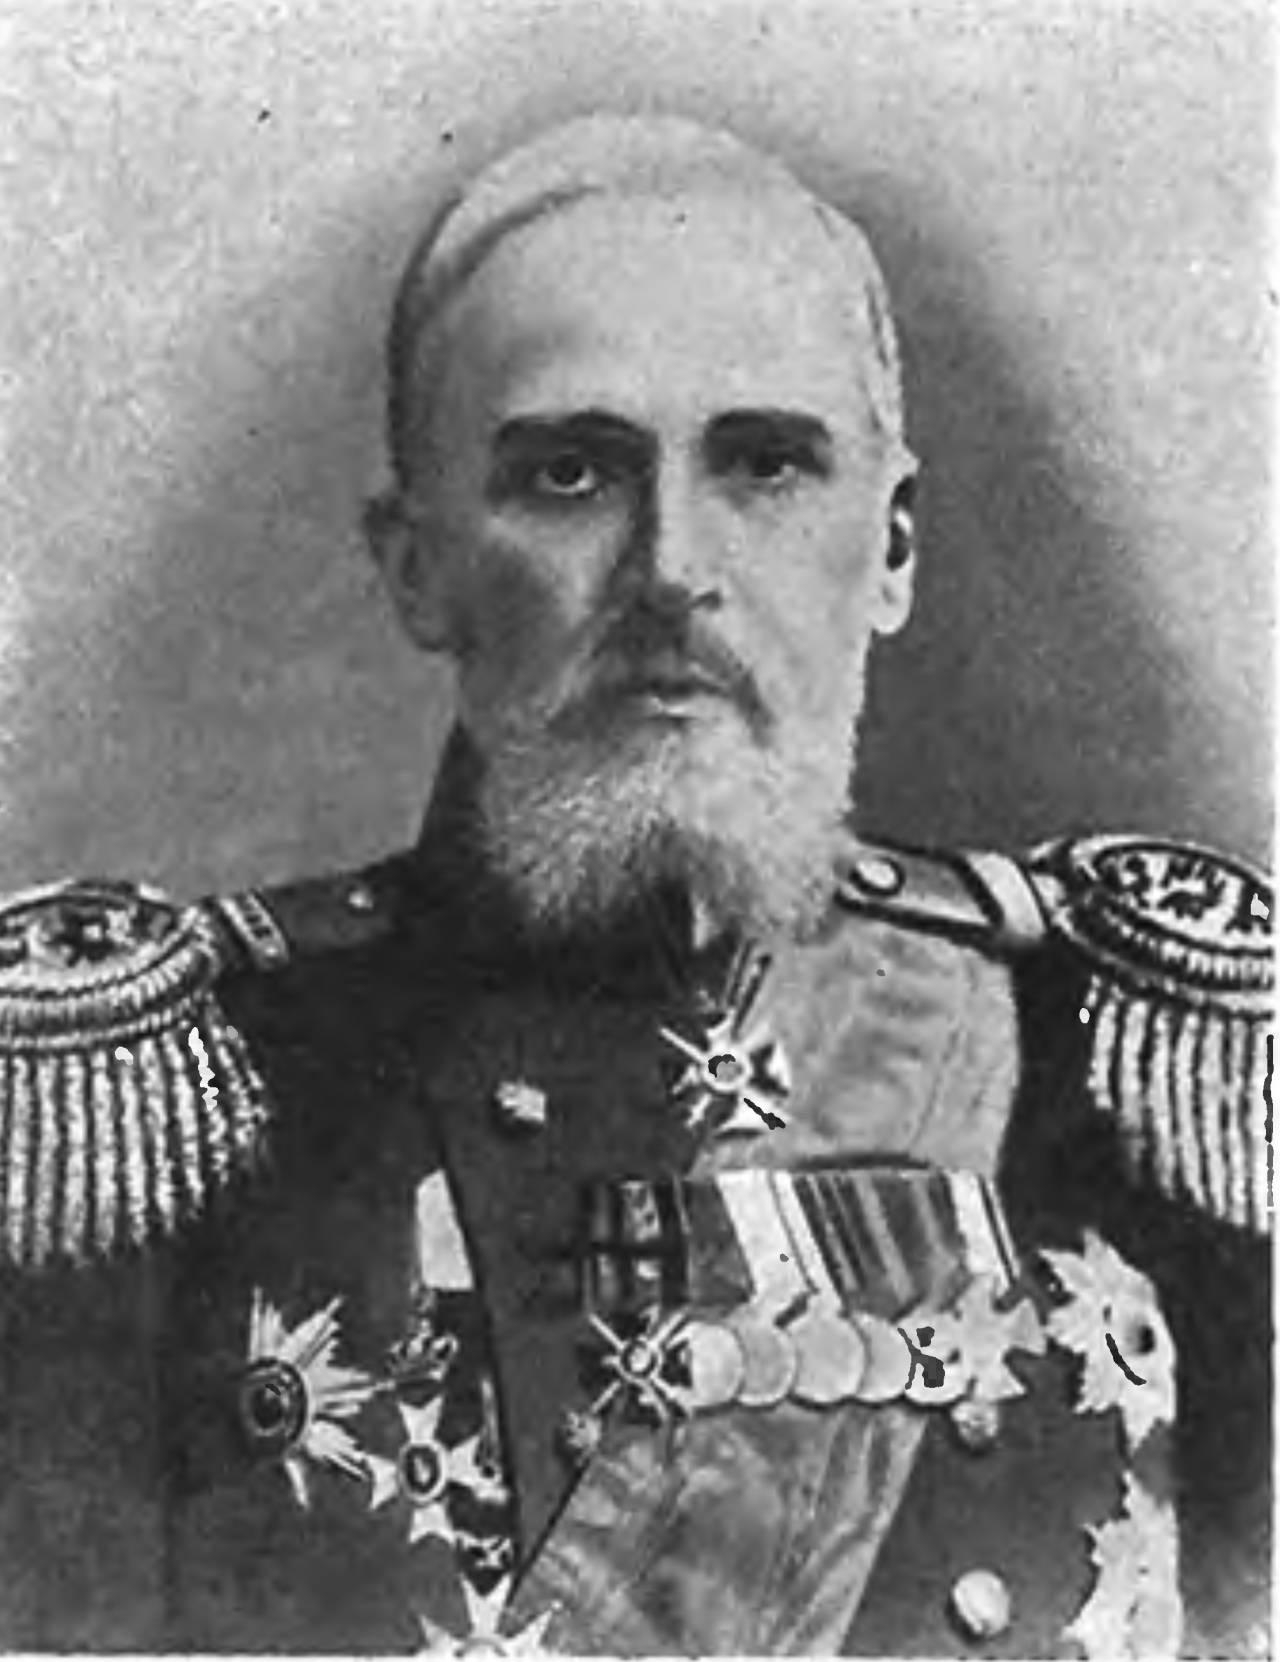 скачут, адмирал бирилев фото в форме обои завораживающим